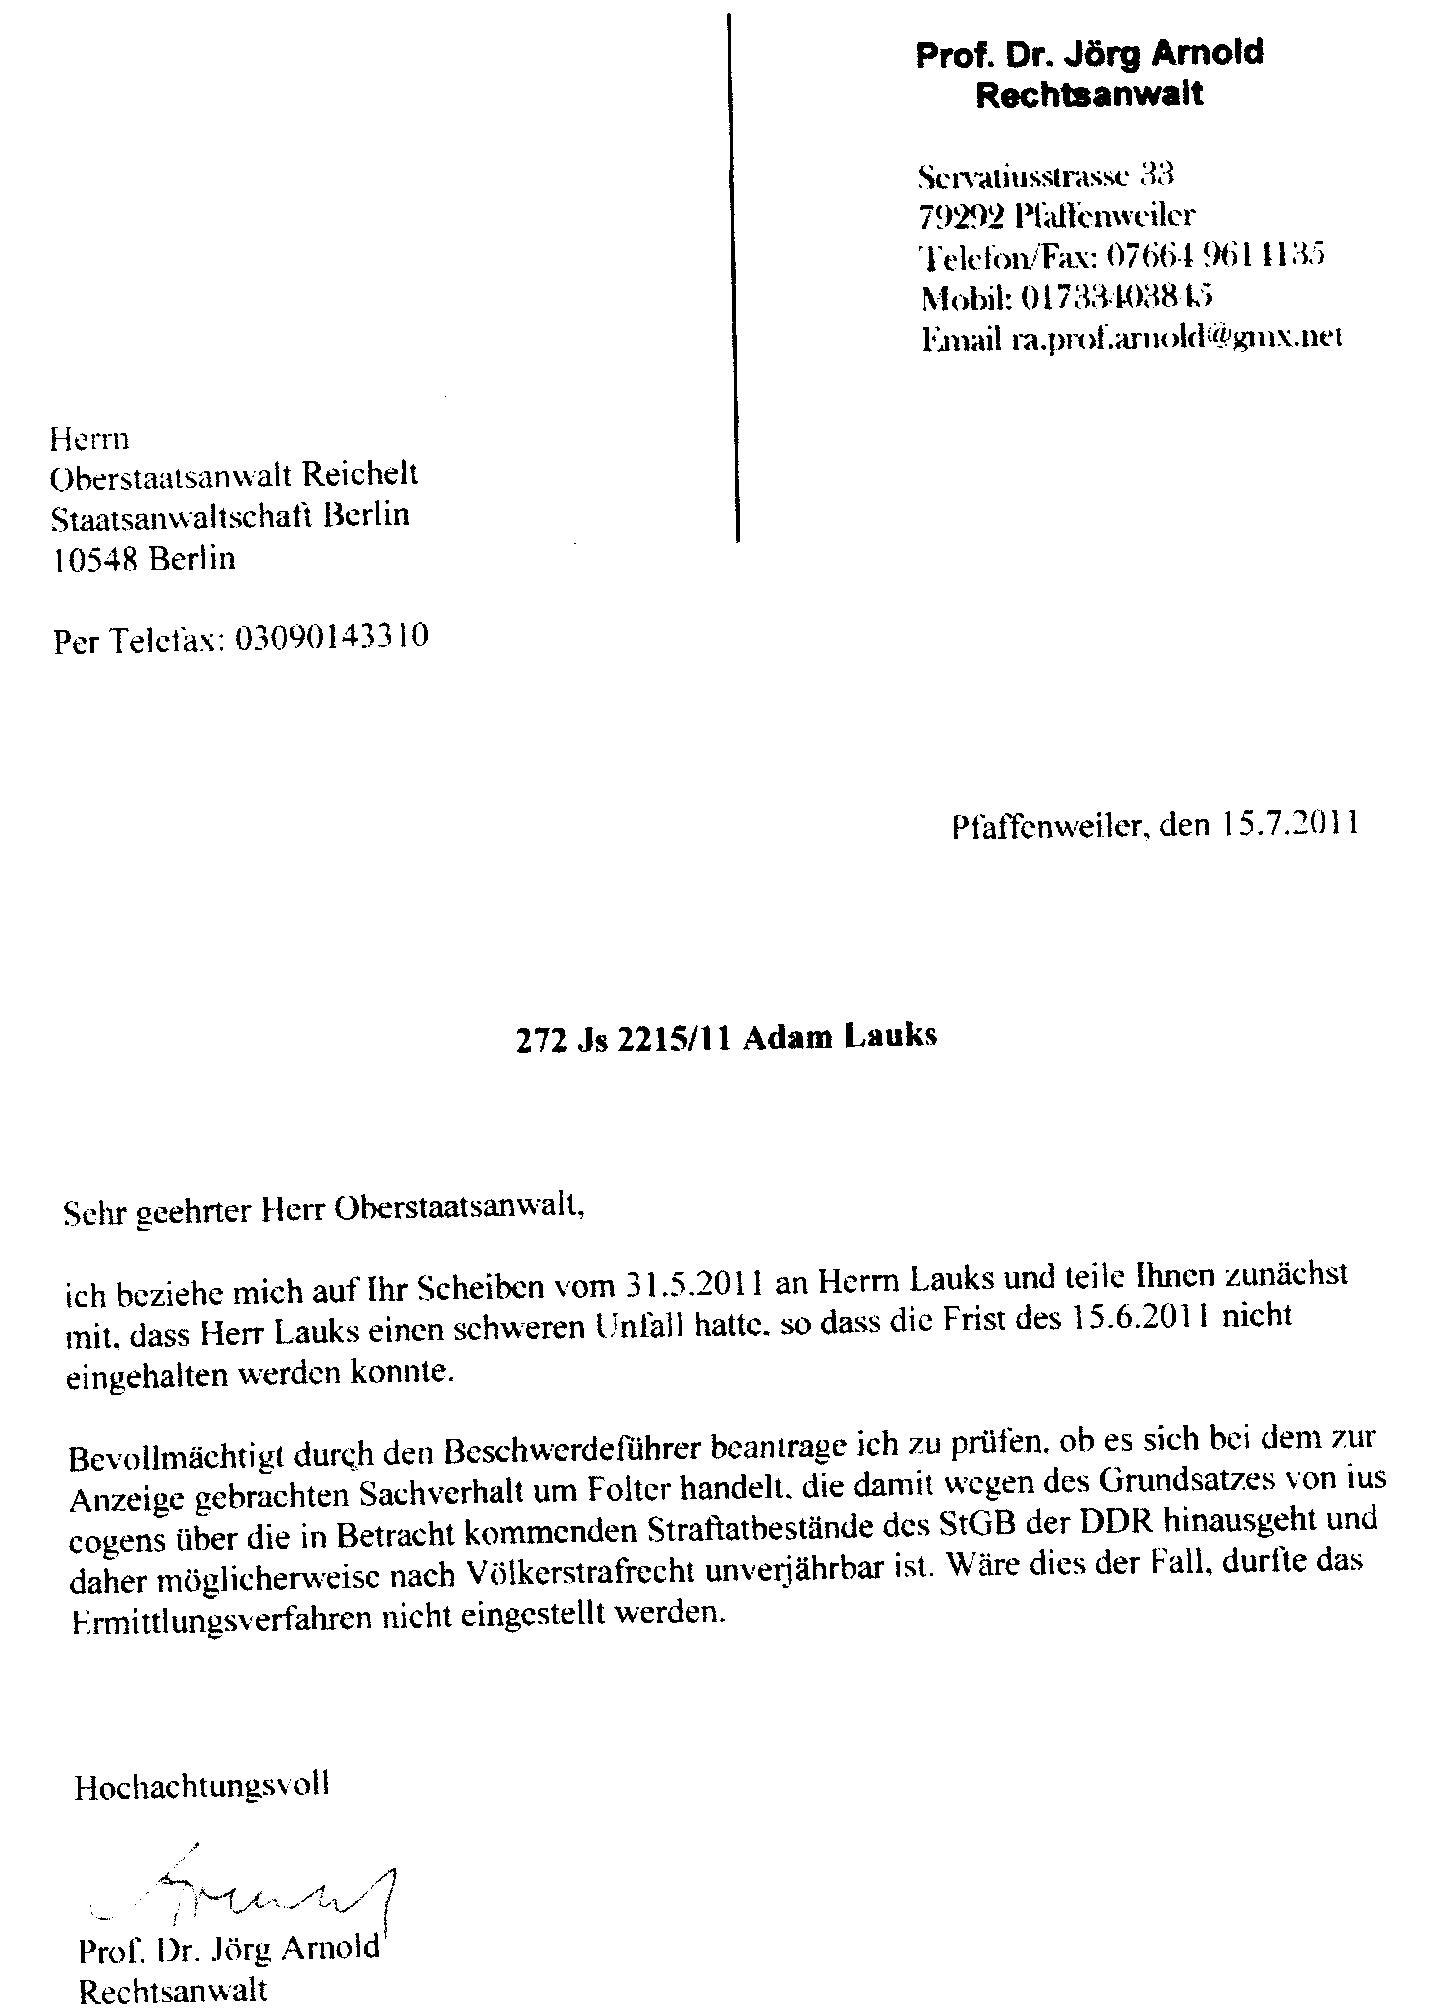 Offener Brief An Den Präsidenten Der Max Planck Gesellschaft